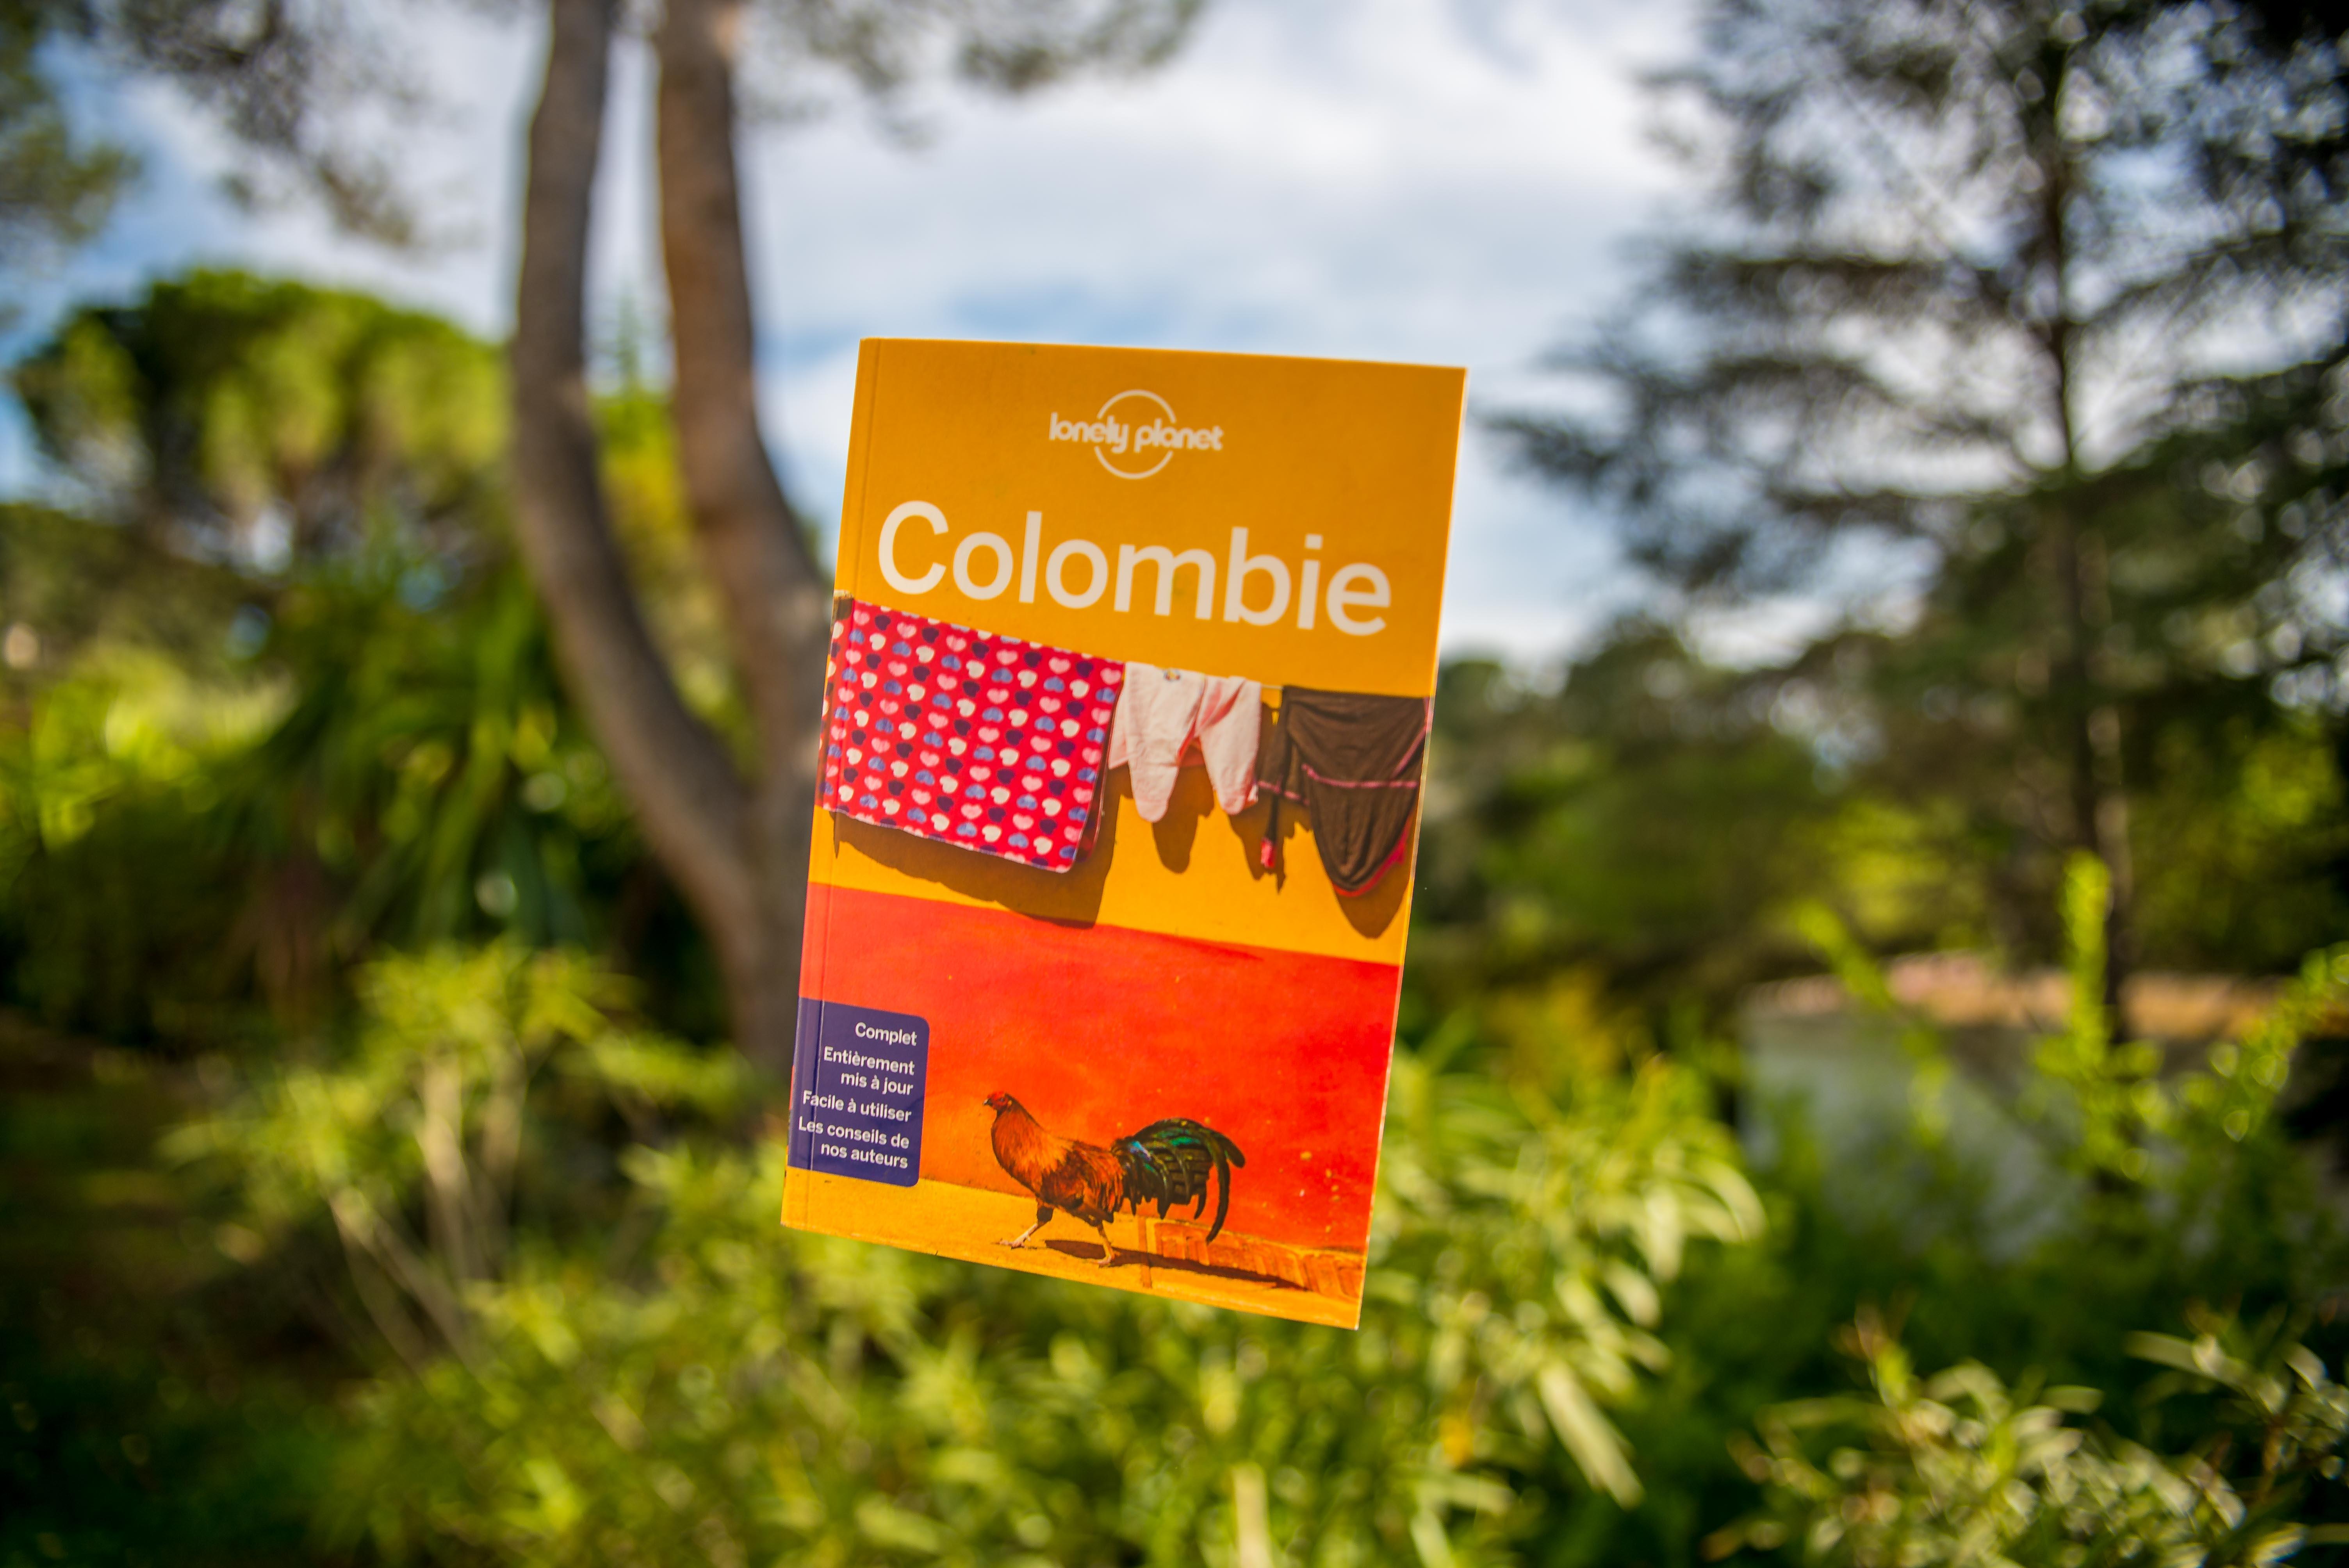 Colombie trois semaines en colombie blog voyage icietlabas